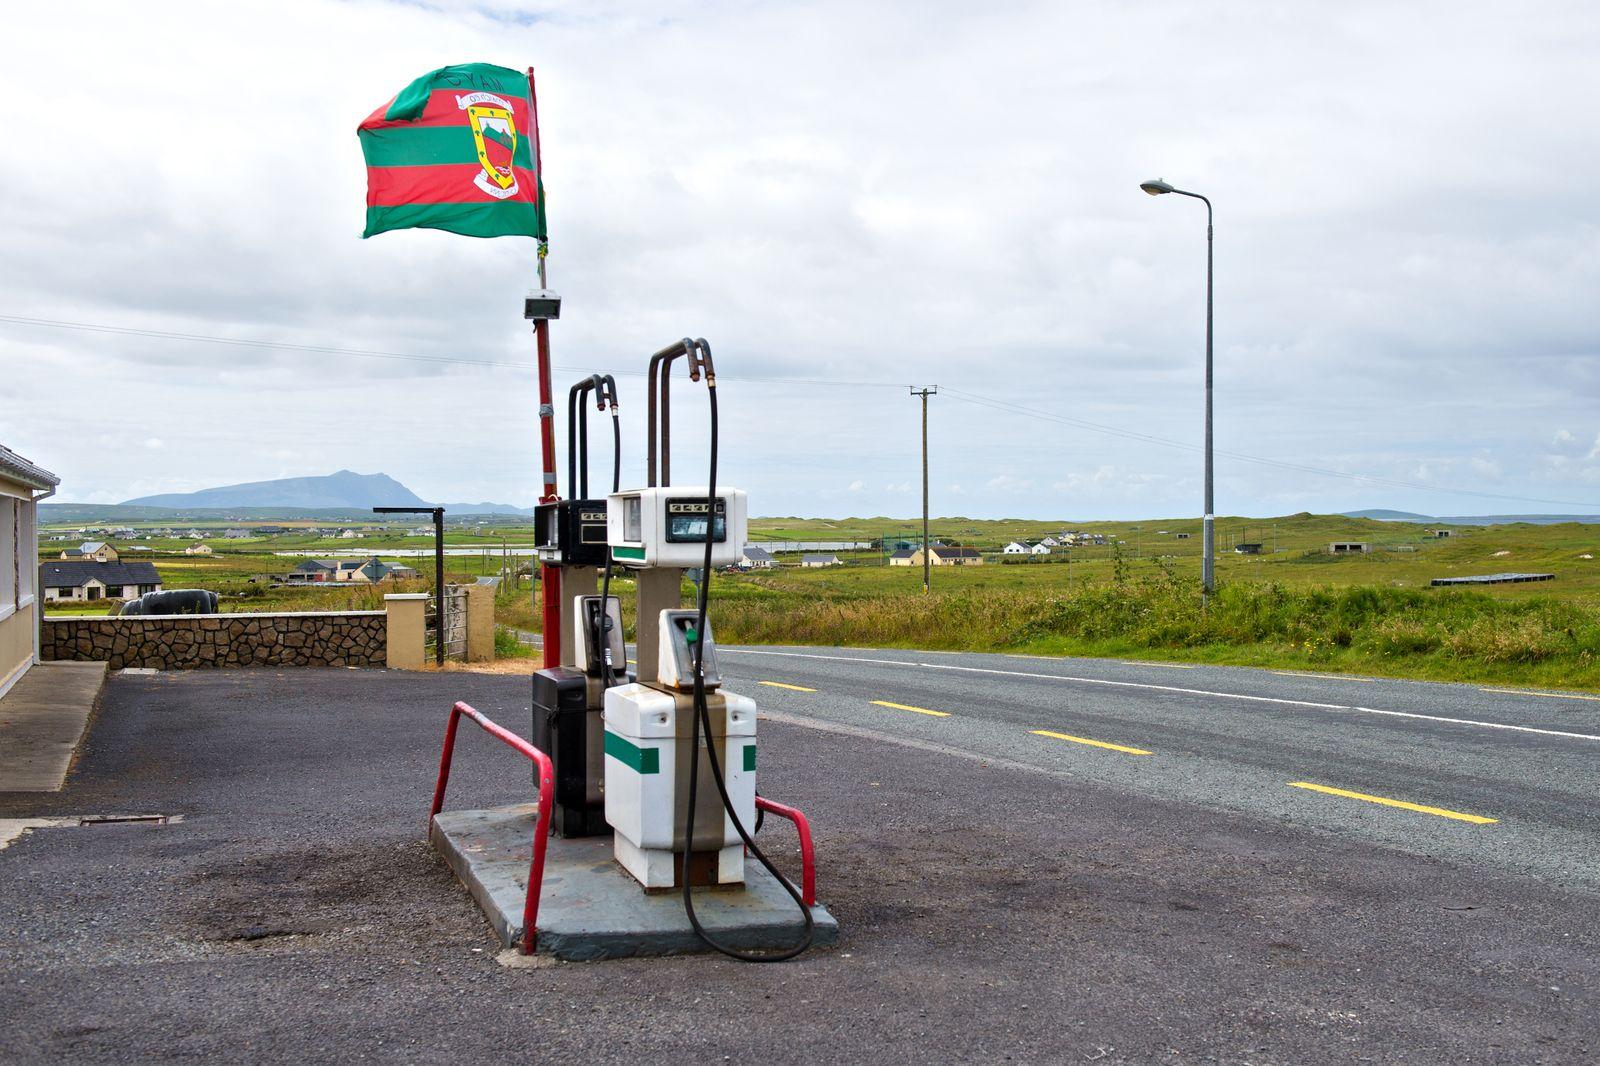 Petrol station at Mullet Peninsula County Mayo Ire